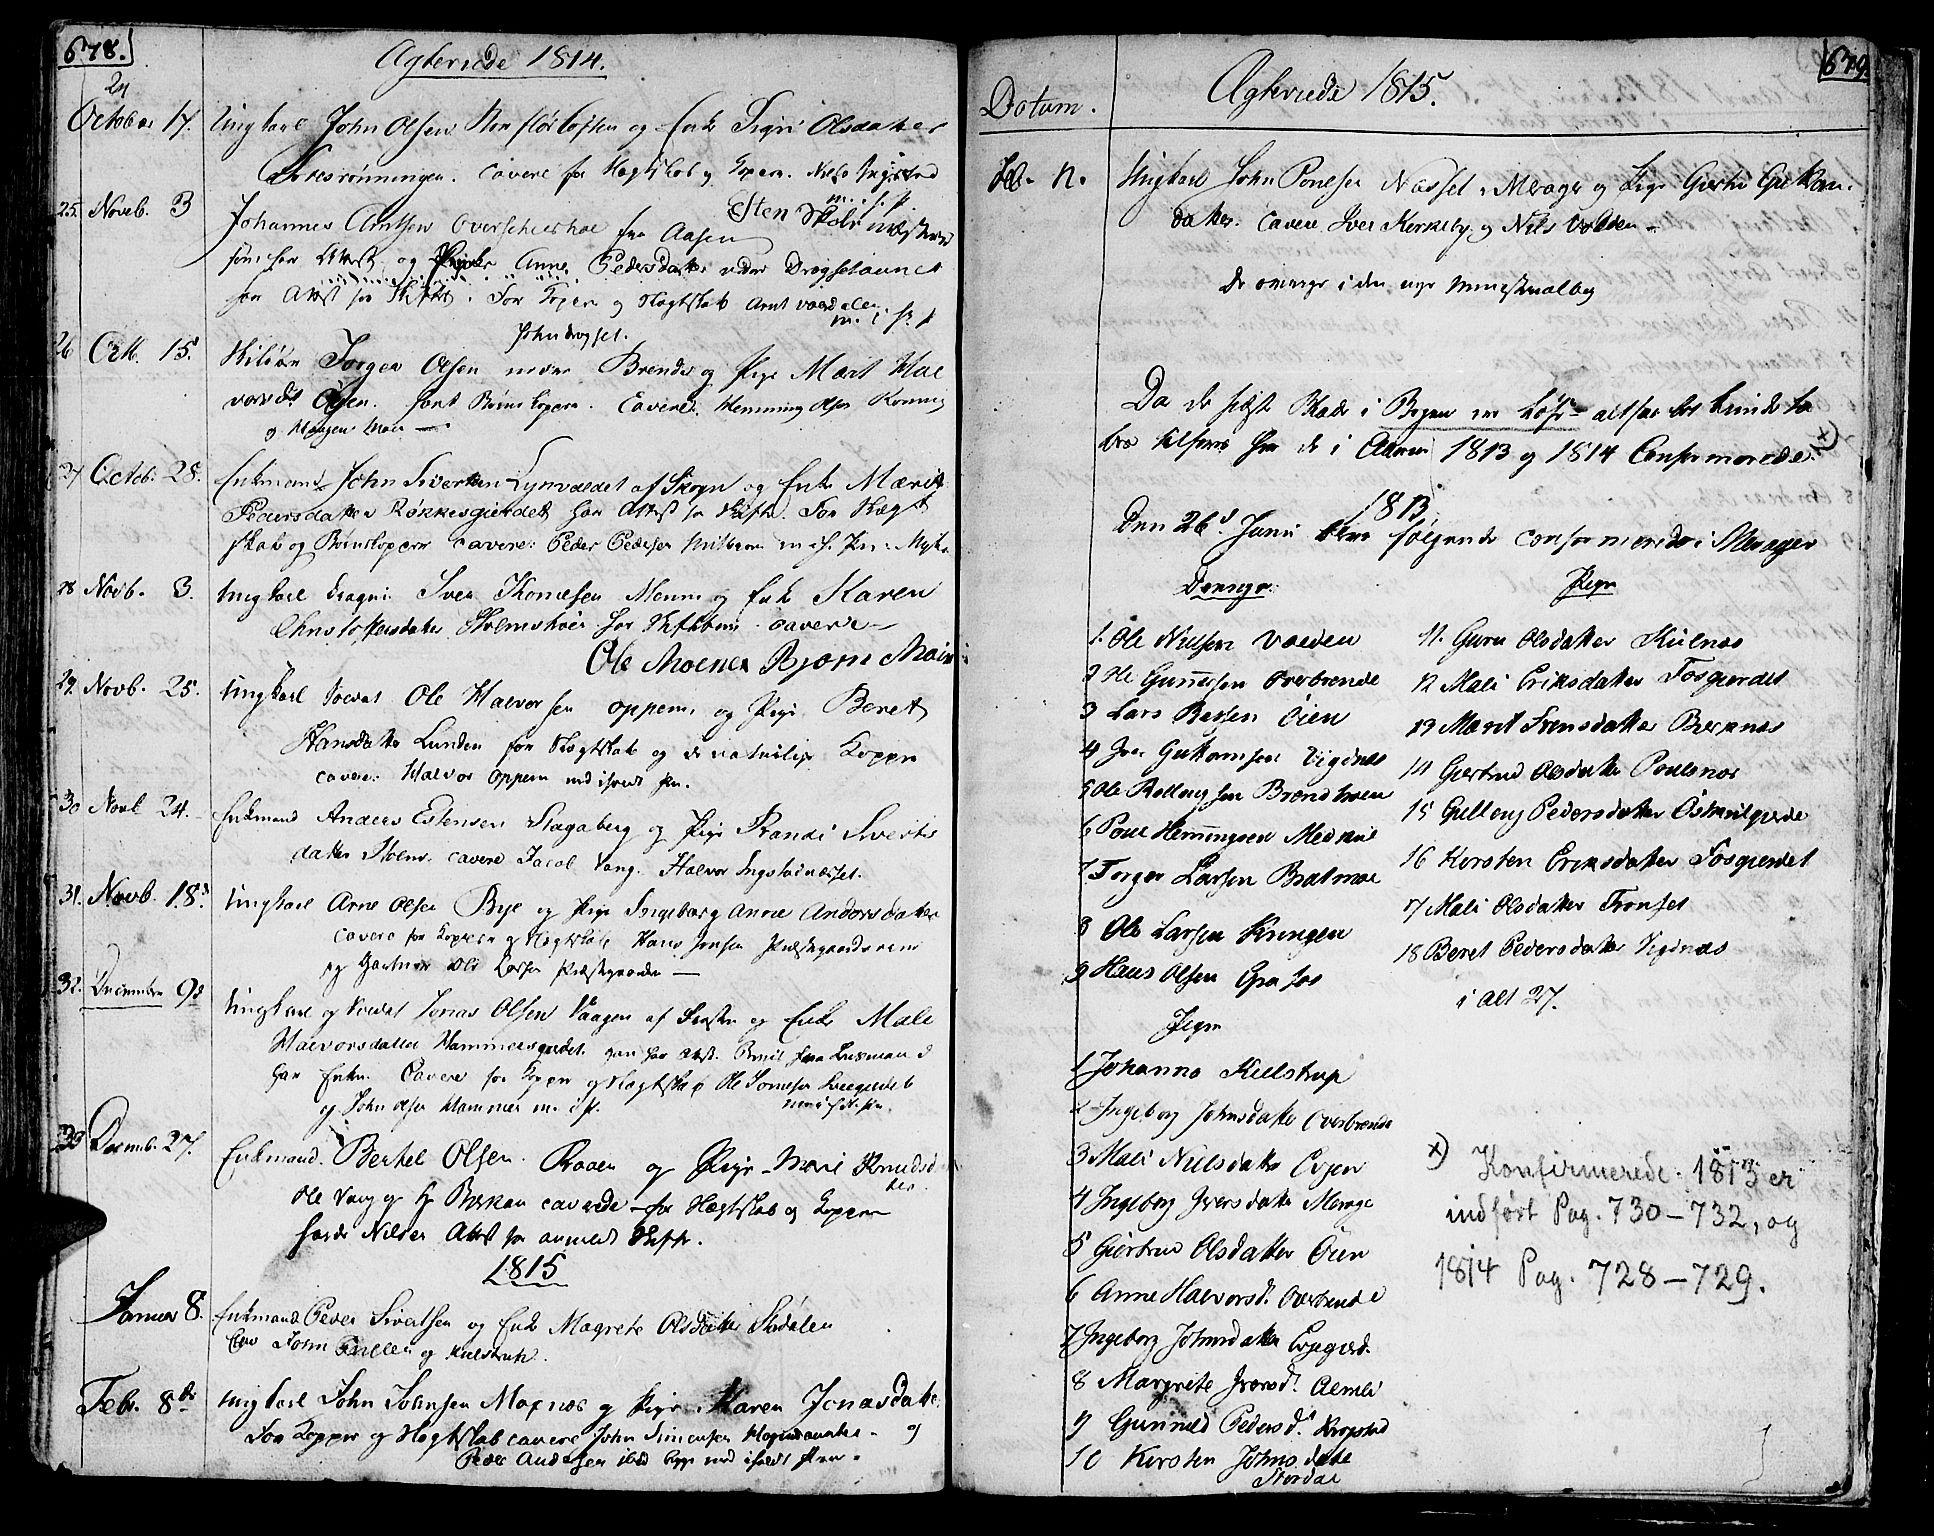 SAT, Ministerialprotokoller, klokkerbøker og fødselsregistre - Nord-Trøndelag, 709/L0060: Ministerialbok nr. 709A07, 1797-1815, s. 678-679